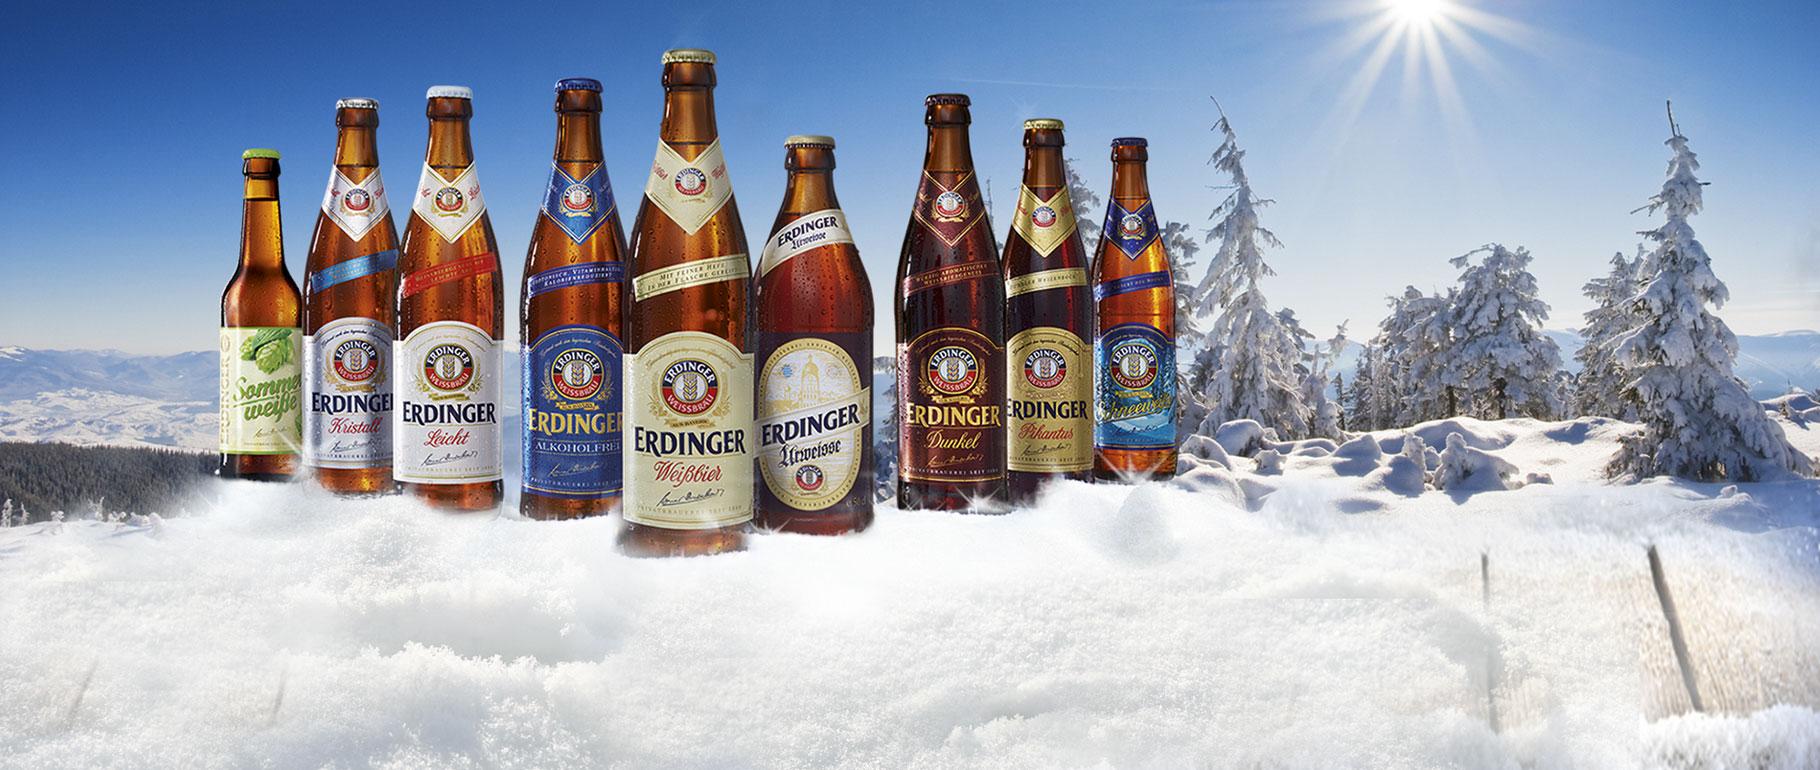 Auch bei Schnee und Eis ein Genuss!